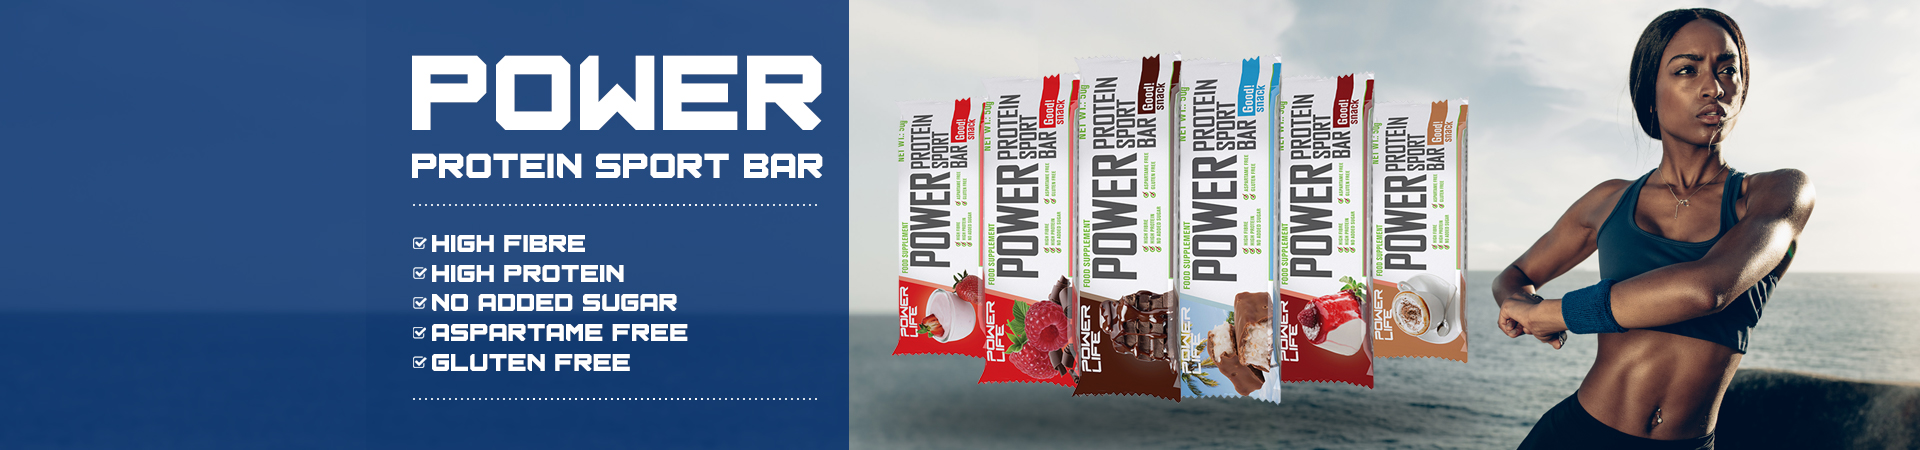 Power protein sport bar